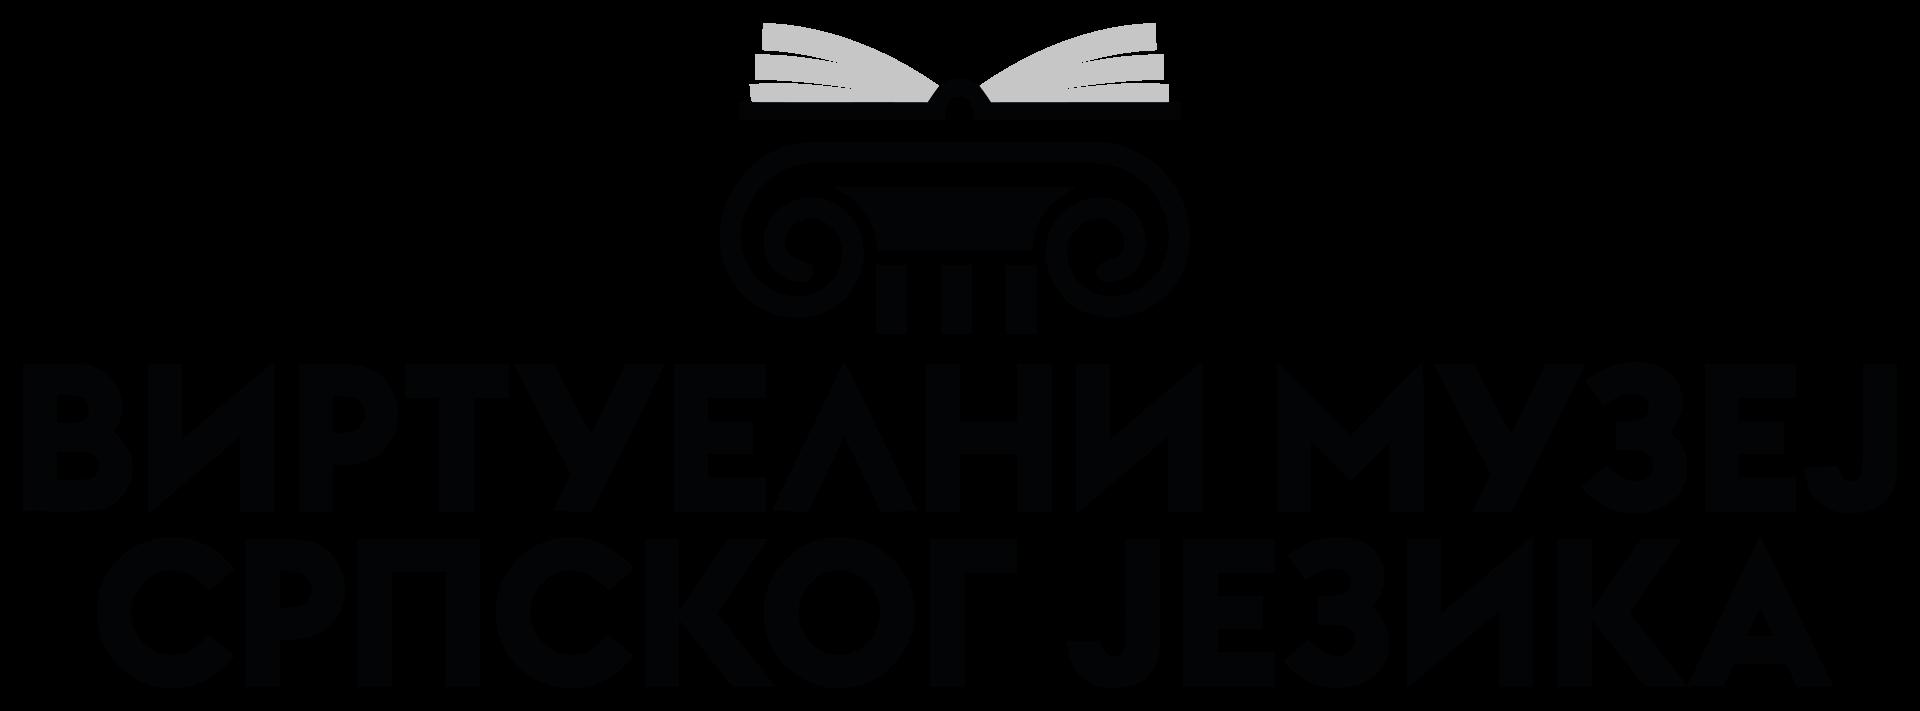 Виртуелни музеј српског језика